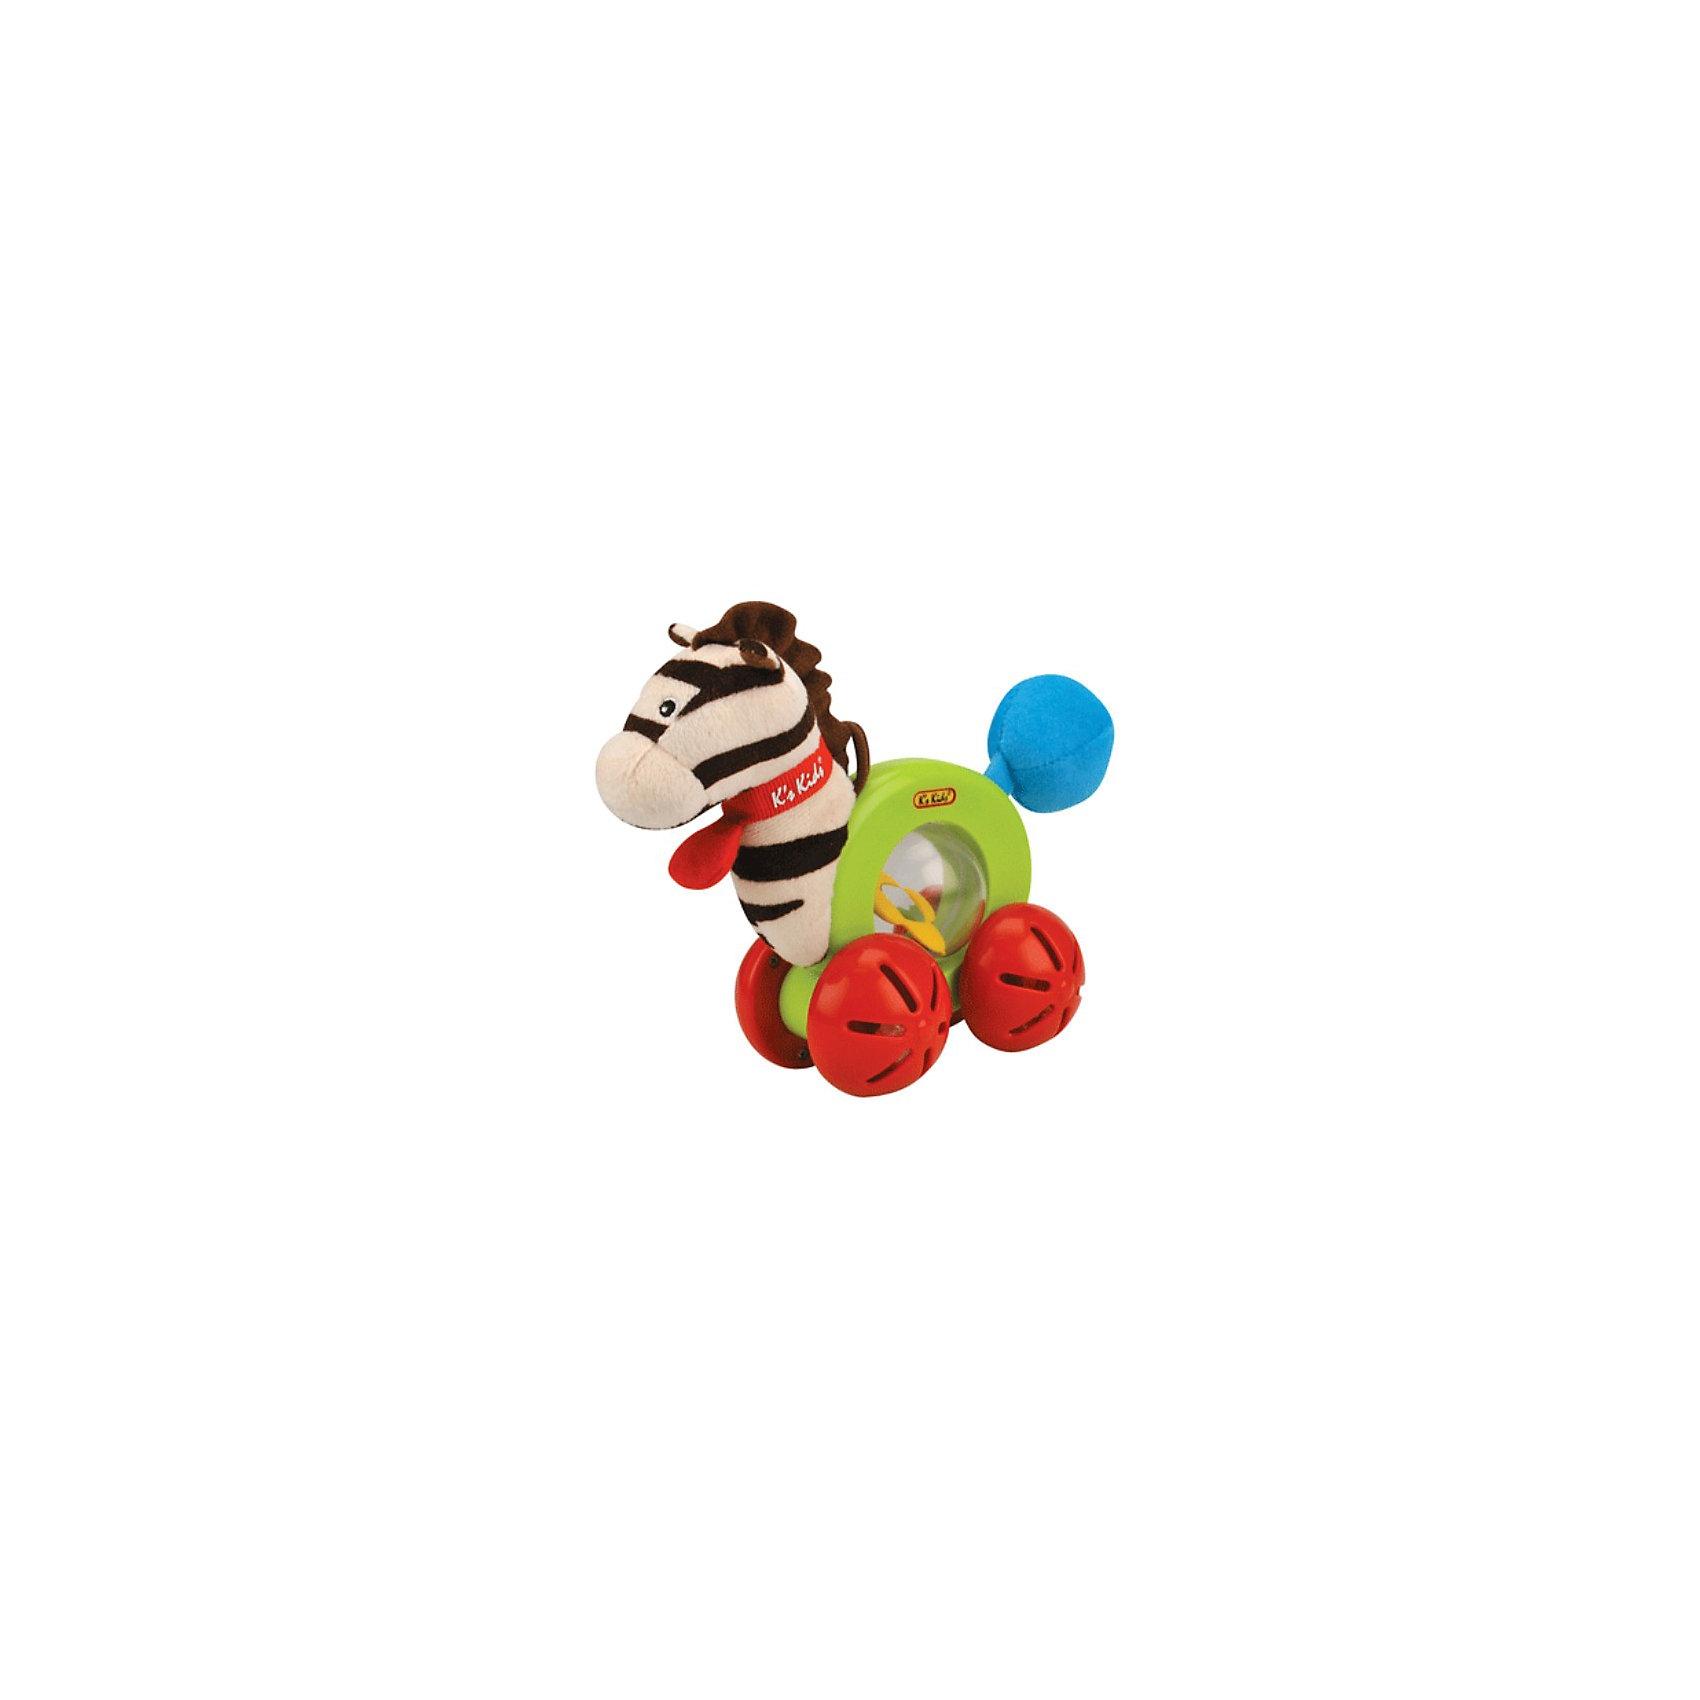 Ks Kids Развивающая игрушка Райн на роликахРазвивающая игрушка Райн на роликах со звуком для самых маленьких.<br><br>Зебра Райн побуждает малыша ползать и ходить. Благодаря ножкам-роликам игрушка может быстро ехать, при этом привлекая внимание малыша подвижными шариками. Прозрачные шарики находятся в ножках-роликах, а разноцветные в прозрачном шаре-животике зебры, соседствуя с маленьким зеркалом в форме цветочка. В «хвостике» Райна находится пищалка.<br><br>Маленькая петелька, находящаяся на голове зебры, позволяет подвесить игрушку на развивающие коврик или дугу.<br><br>Дополнительная информация:<br><br>- материал: текстиль, пластик<br>- размер игрушки: 7 х 19 х 15,5 см.<br>- вес: 290гр.<br><br>Аспекты развития: развивает крупную моторику, визуальное восприятие, координацию движений, стимулирует к активным действиям.<br><br>Добродушная зебра Райн очень понравится Вашему малышу!<br><br>Развивающую игрушку Райн на роликах от Ks Kids можно купить в нашем магазине.<br><br>Ширина мм: 200<br>Глубина мм: 240<br>Высота мм: 90<br>Вес г: 150<br>Возраст от месяцев: 6<br>Возраст до месяцев: 36<br>Пол: Унисекс<br>Возраст: Детский<br>SKU: 2148740